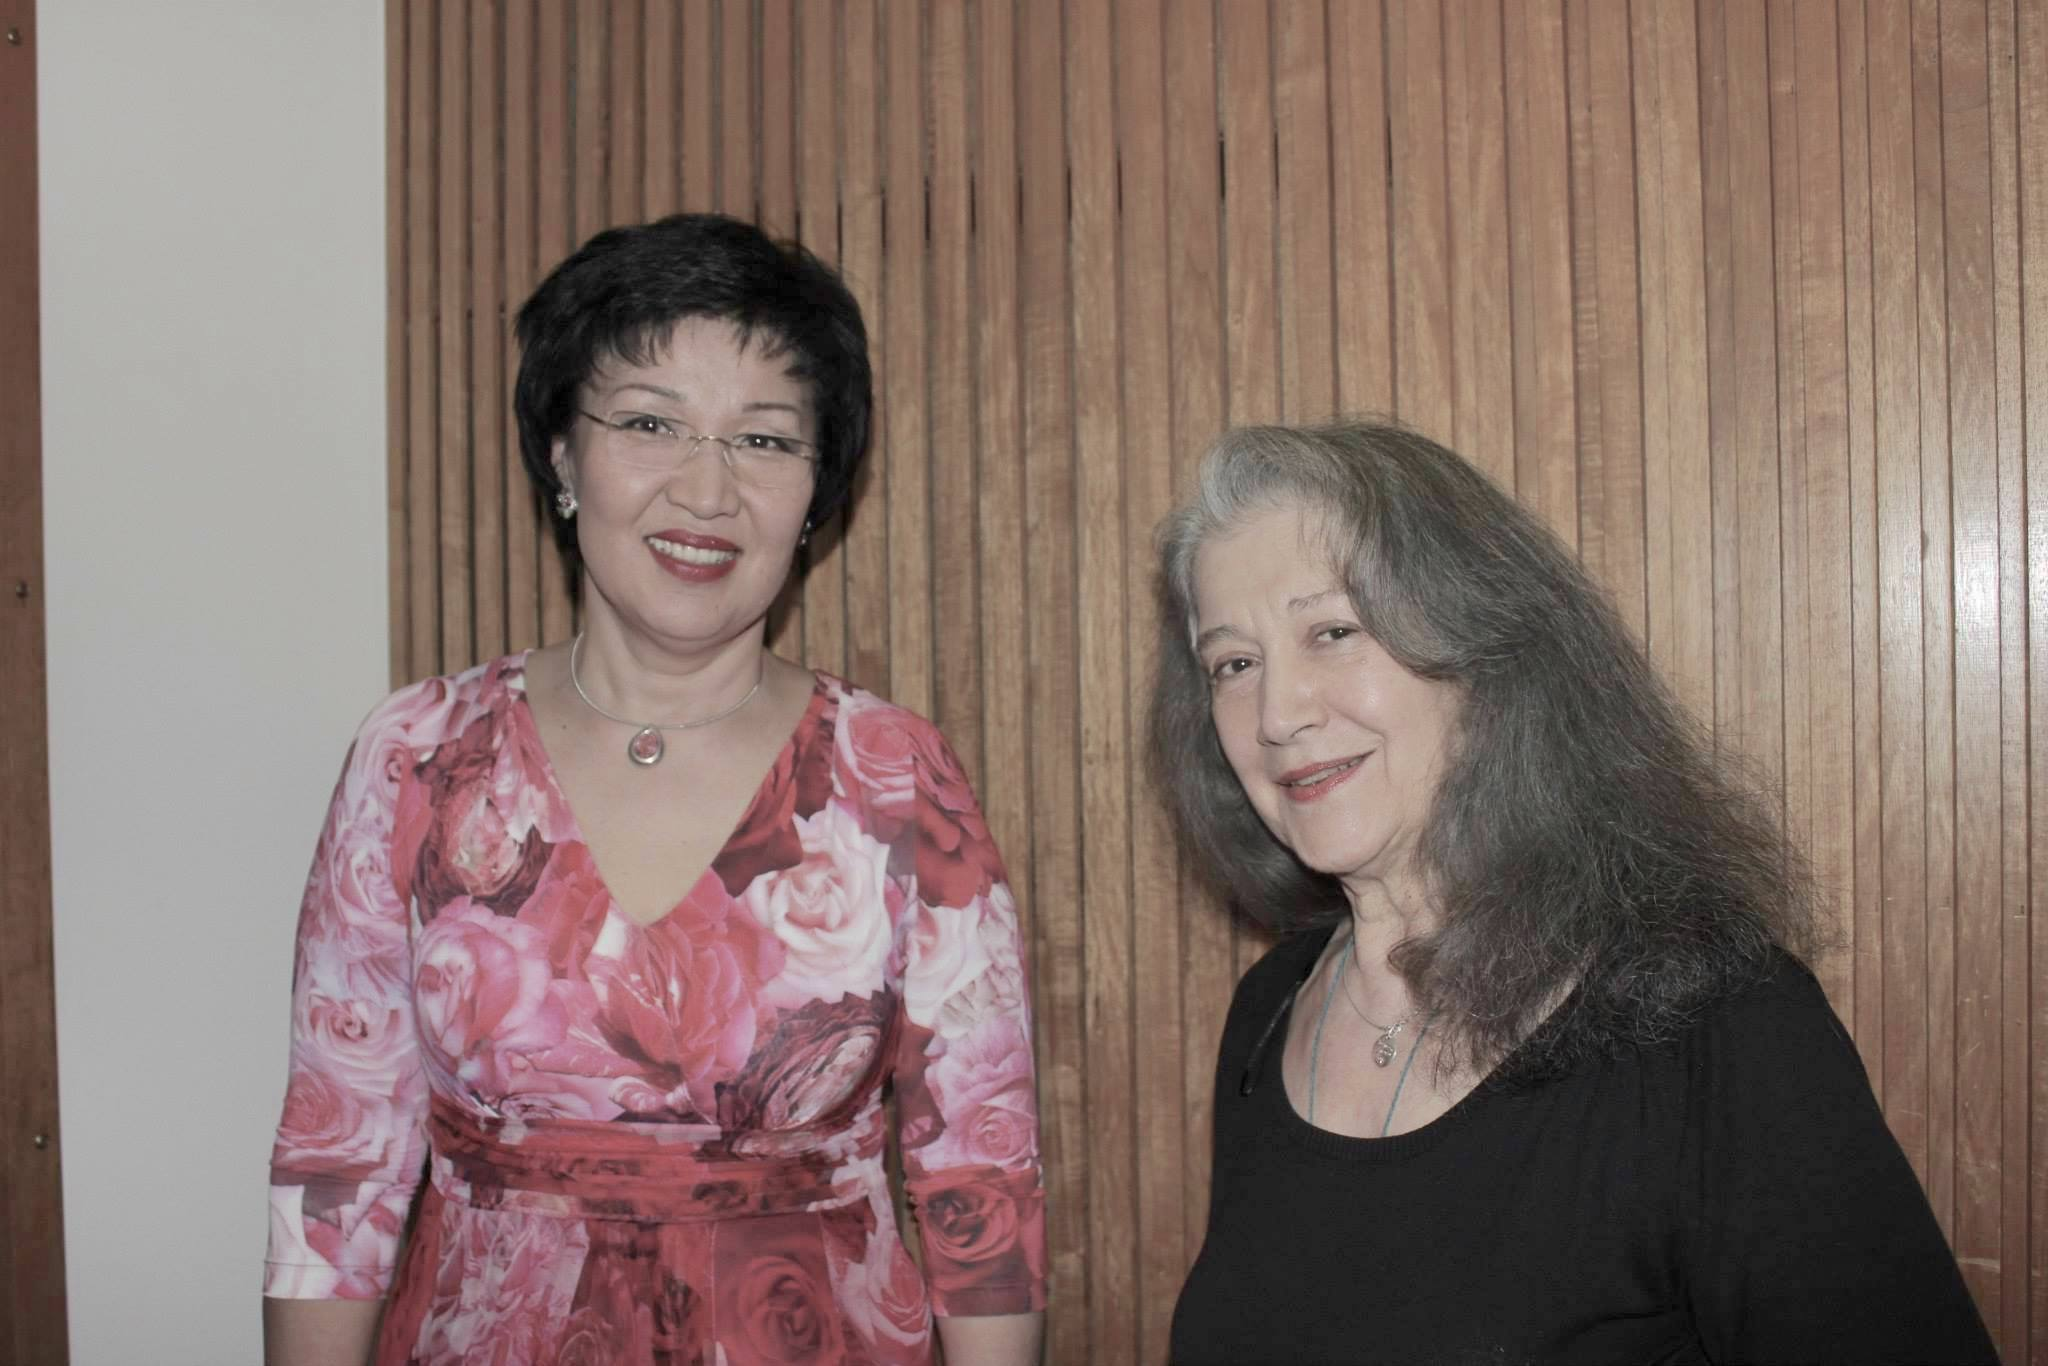 Фестиваль Progetto. Жания и Марта Агрерих (Martha Argerich), г.Лугано, 2014 г.